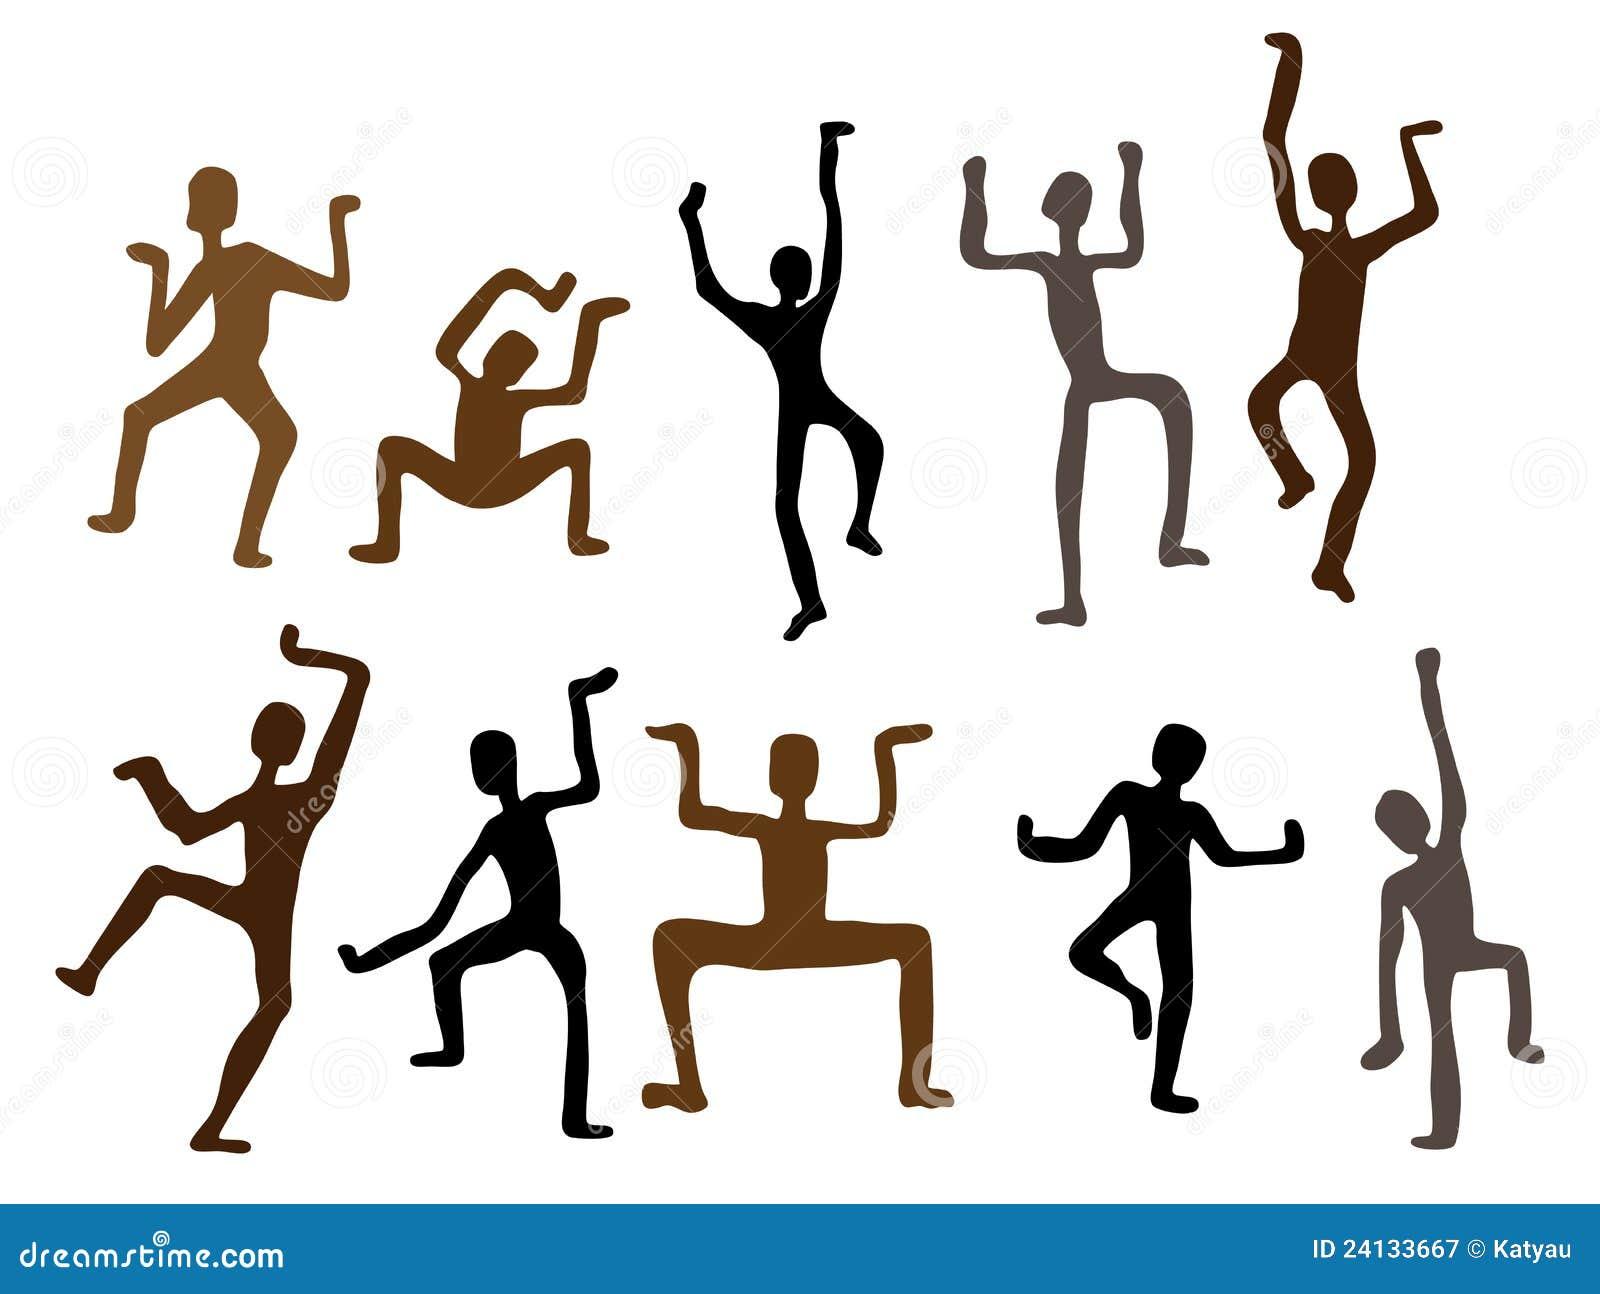 вектор людей иллюстрации абстрактной танцульки этнический